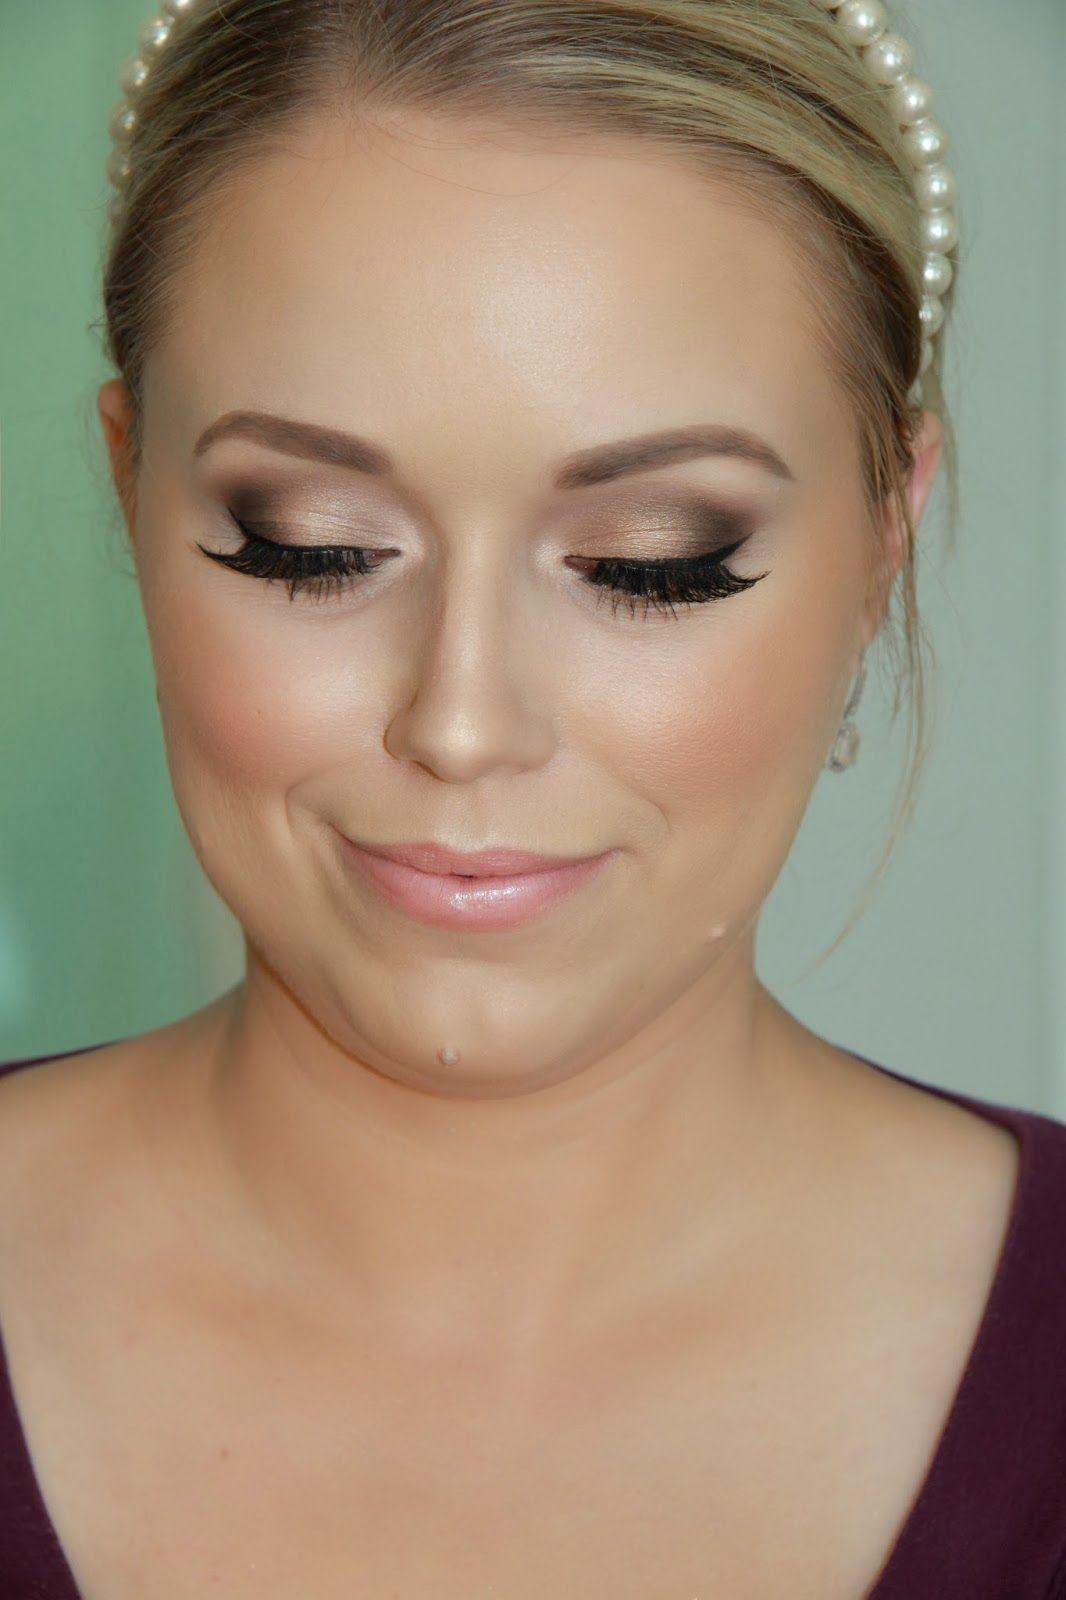 Kat Von D 'Saint' makeup palette $36.00